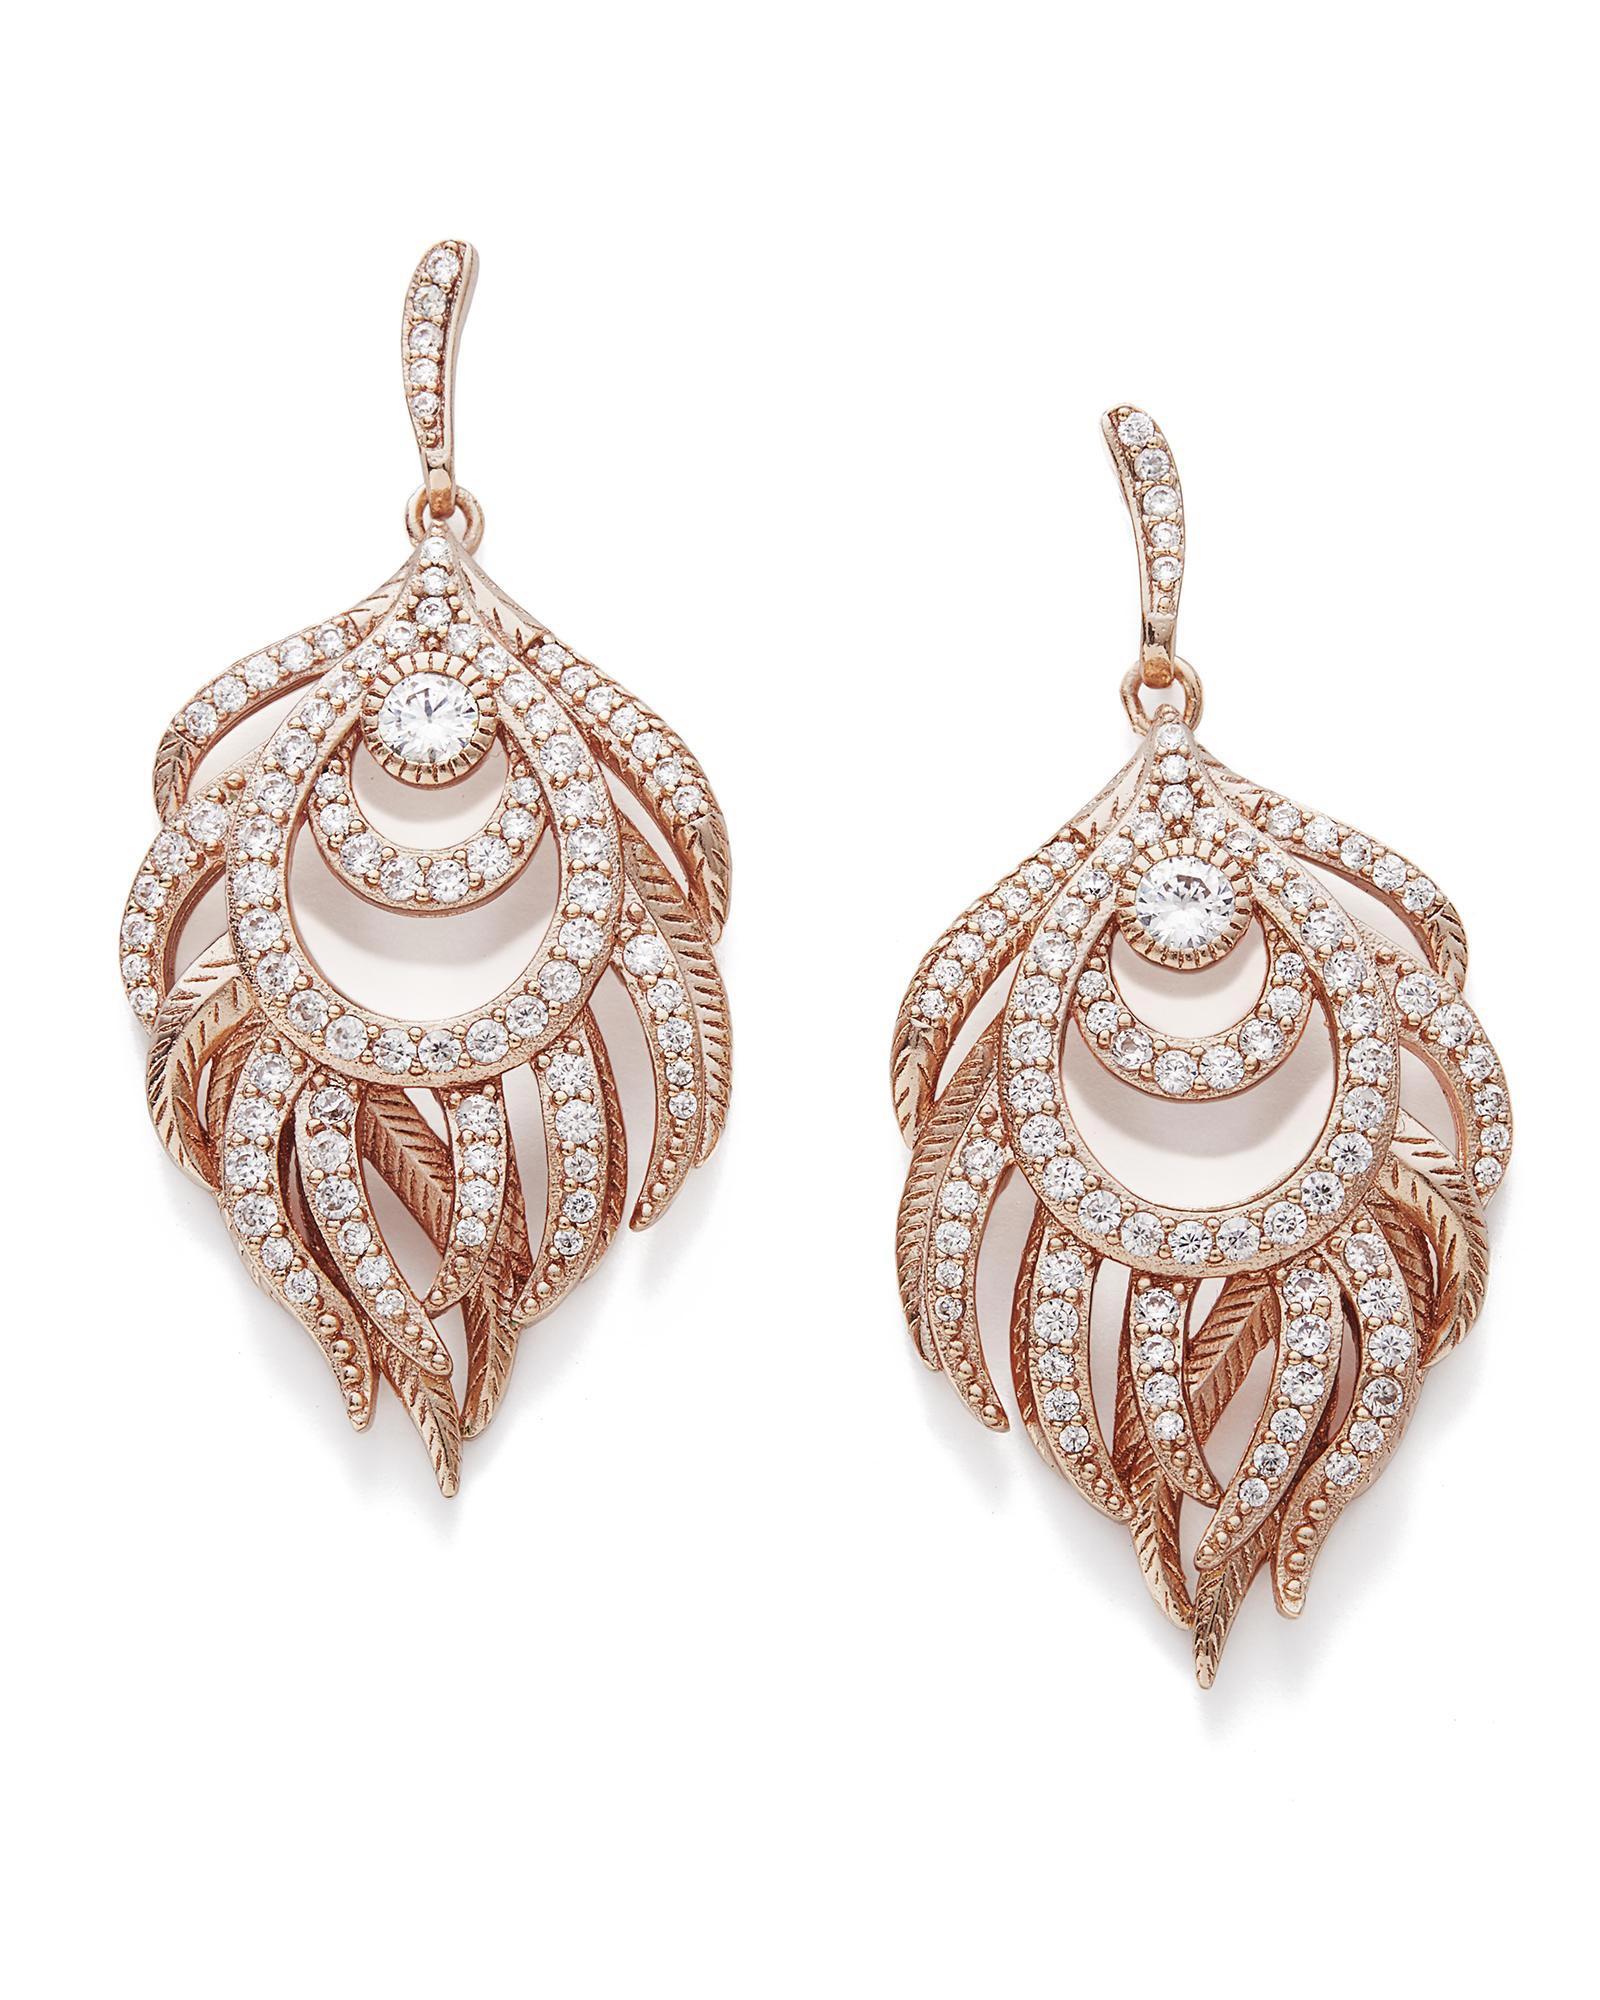 Emelia Chandelier Drop Earrings in Rose Gold